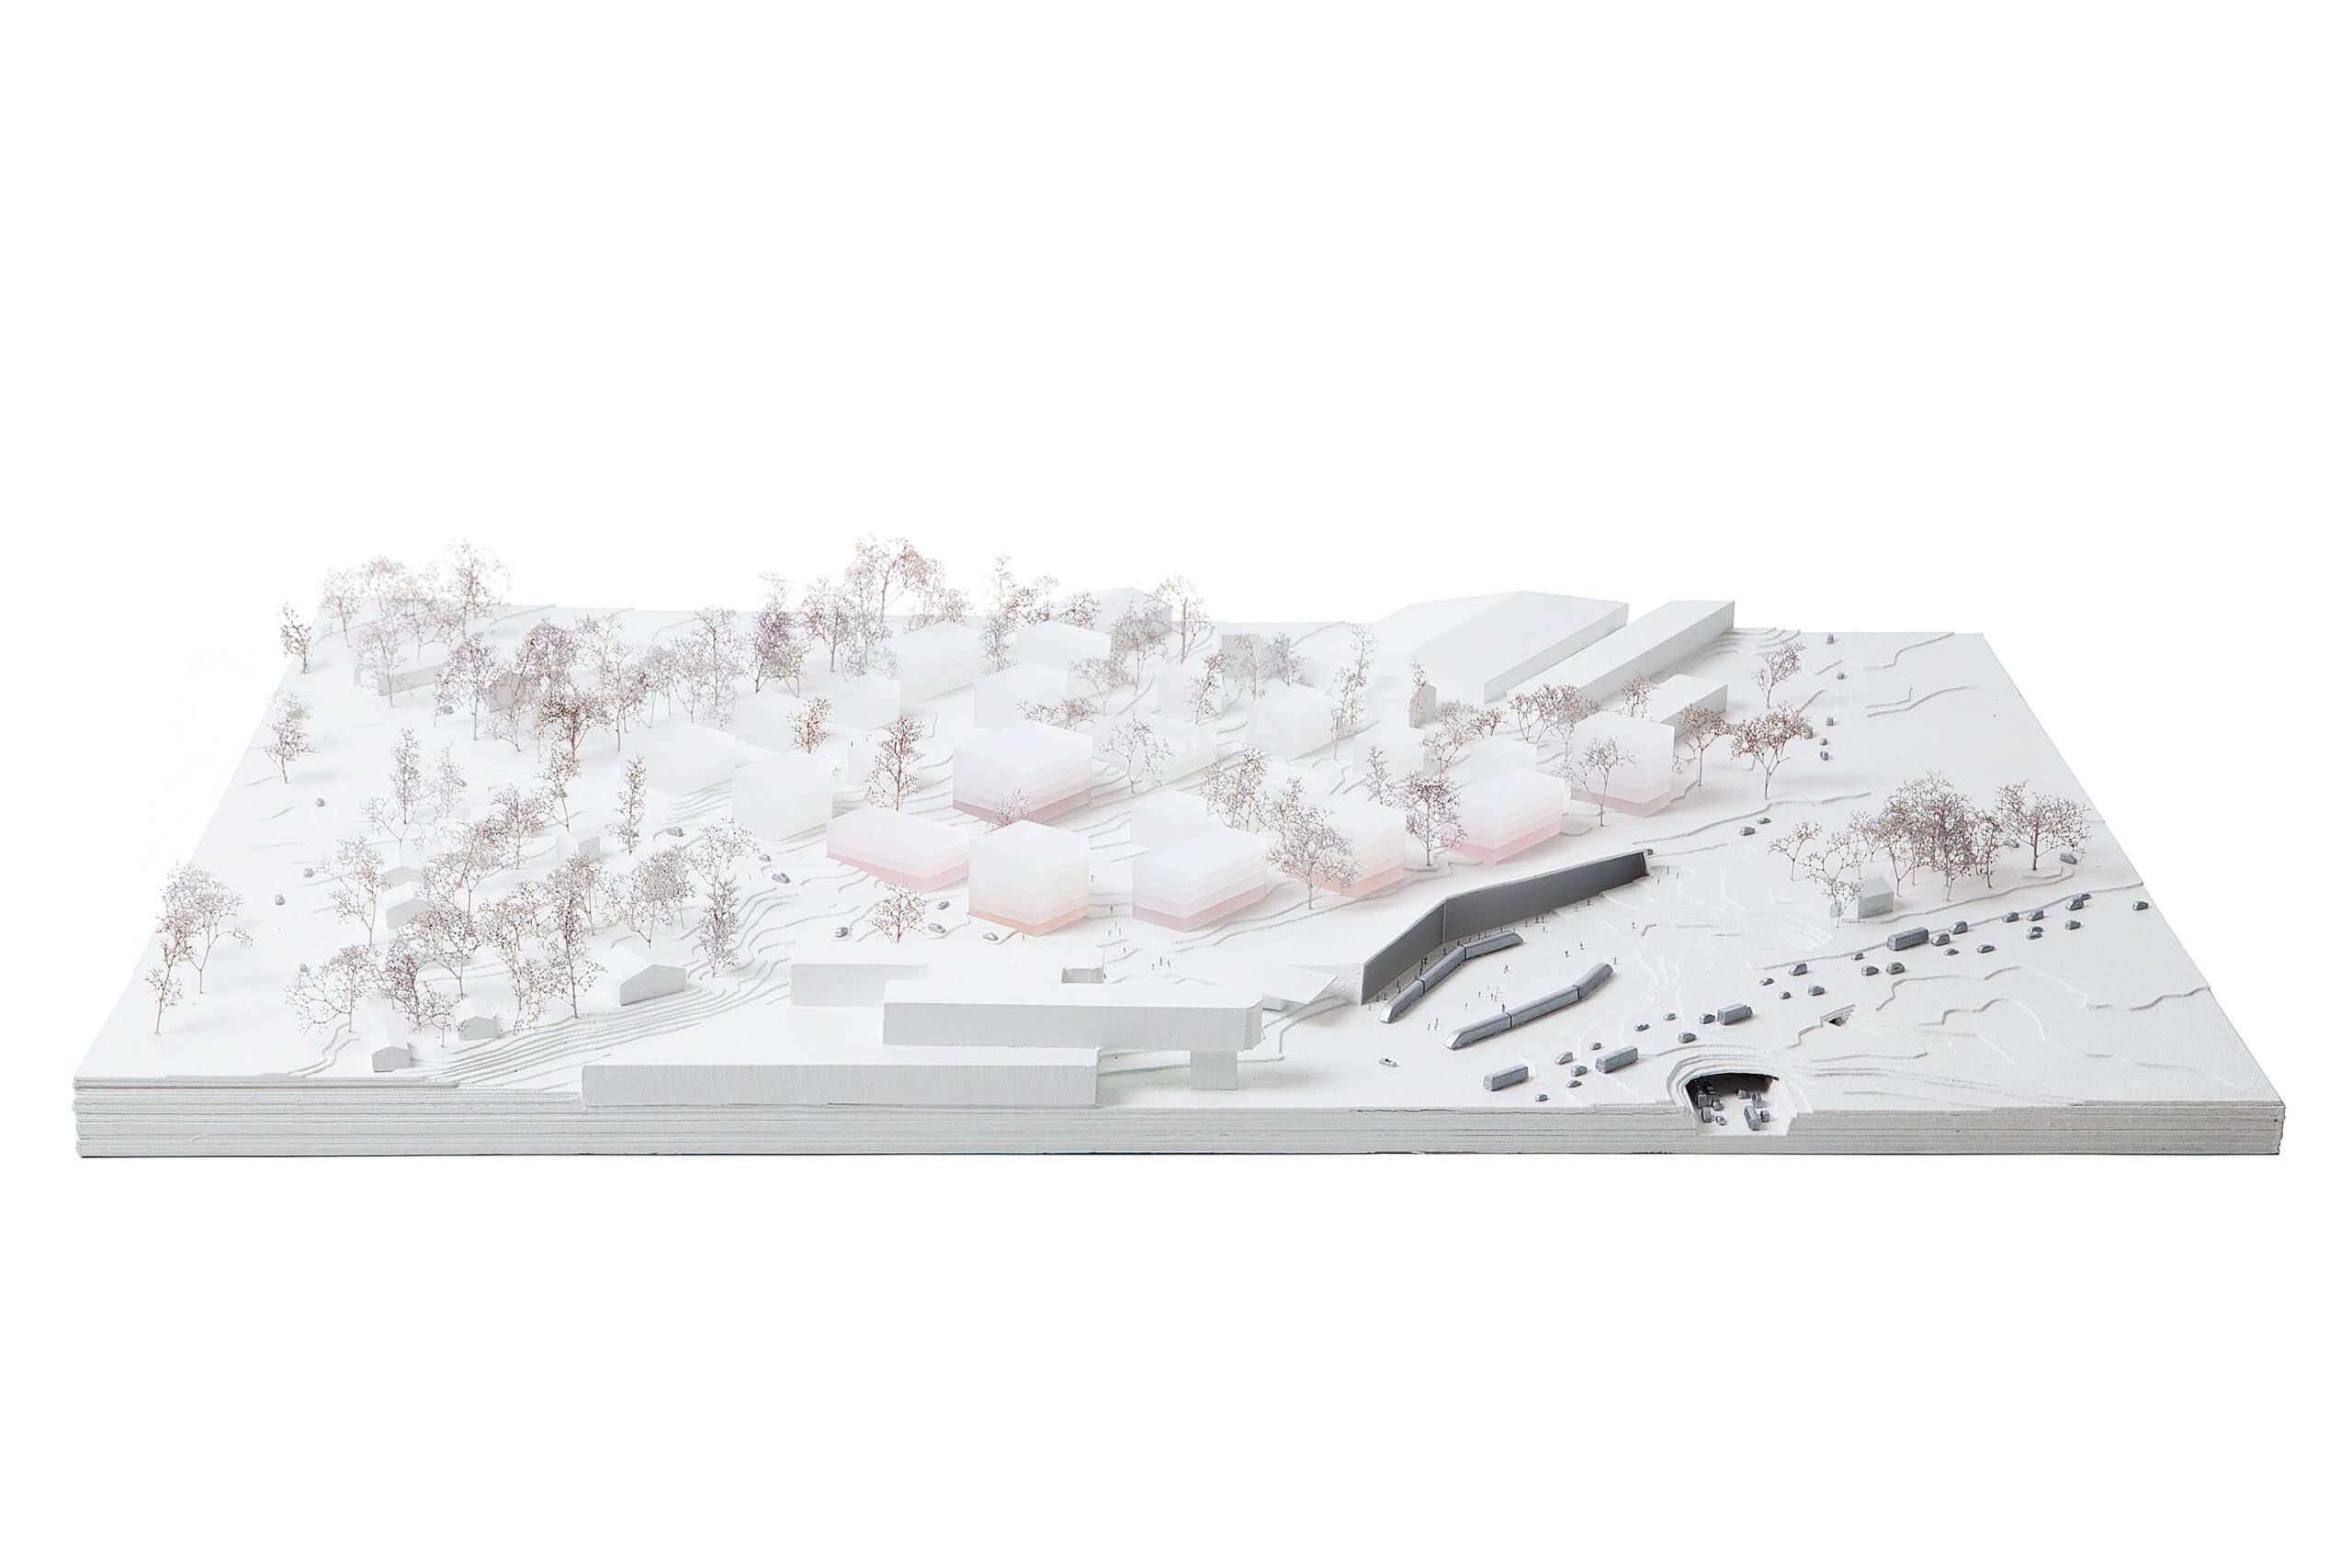 stedenbouwkundige maquette van Courge Bachet